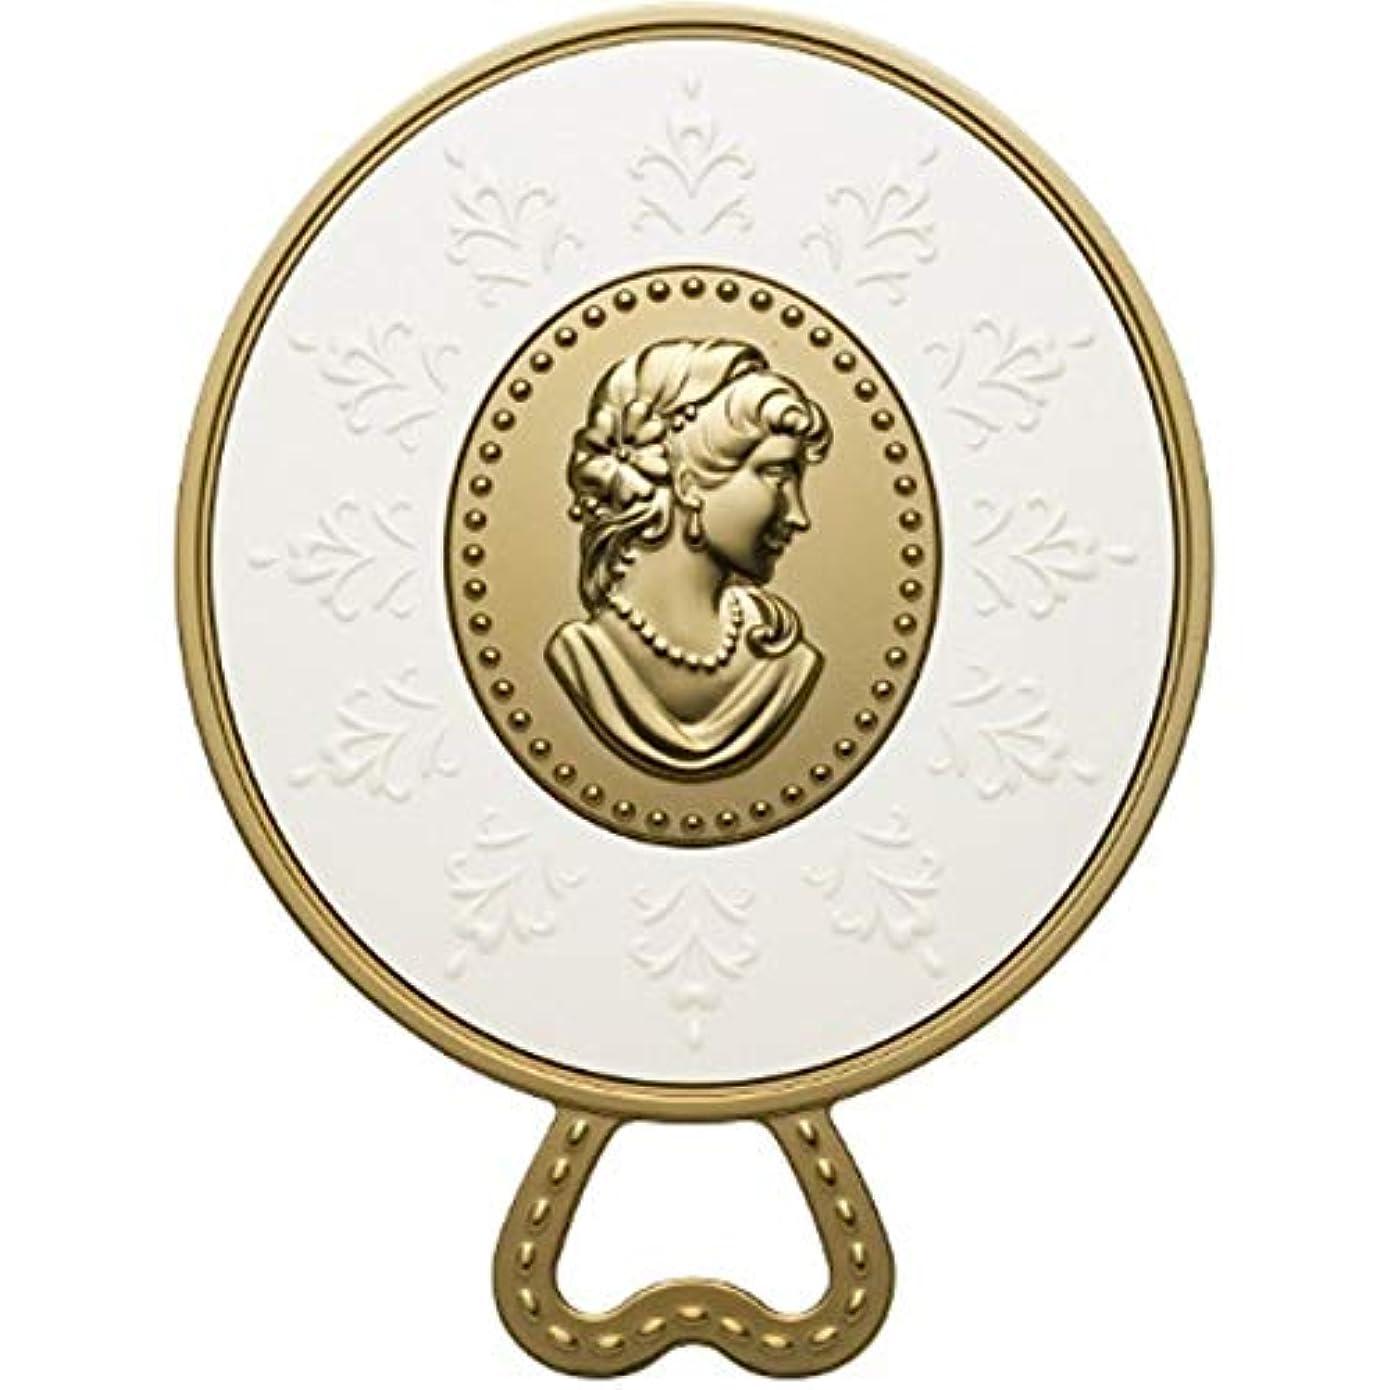 出来事岩忘れられない(レ?メルヴェイユーズ ラデュレ) Les Merveilleuses LADUREE ラデュレ ハンドミラー 鏡 カメオ アンティーク調 ゴールド 金 ブランド